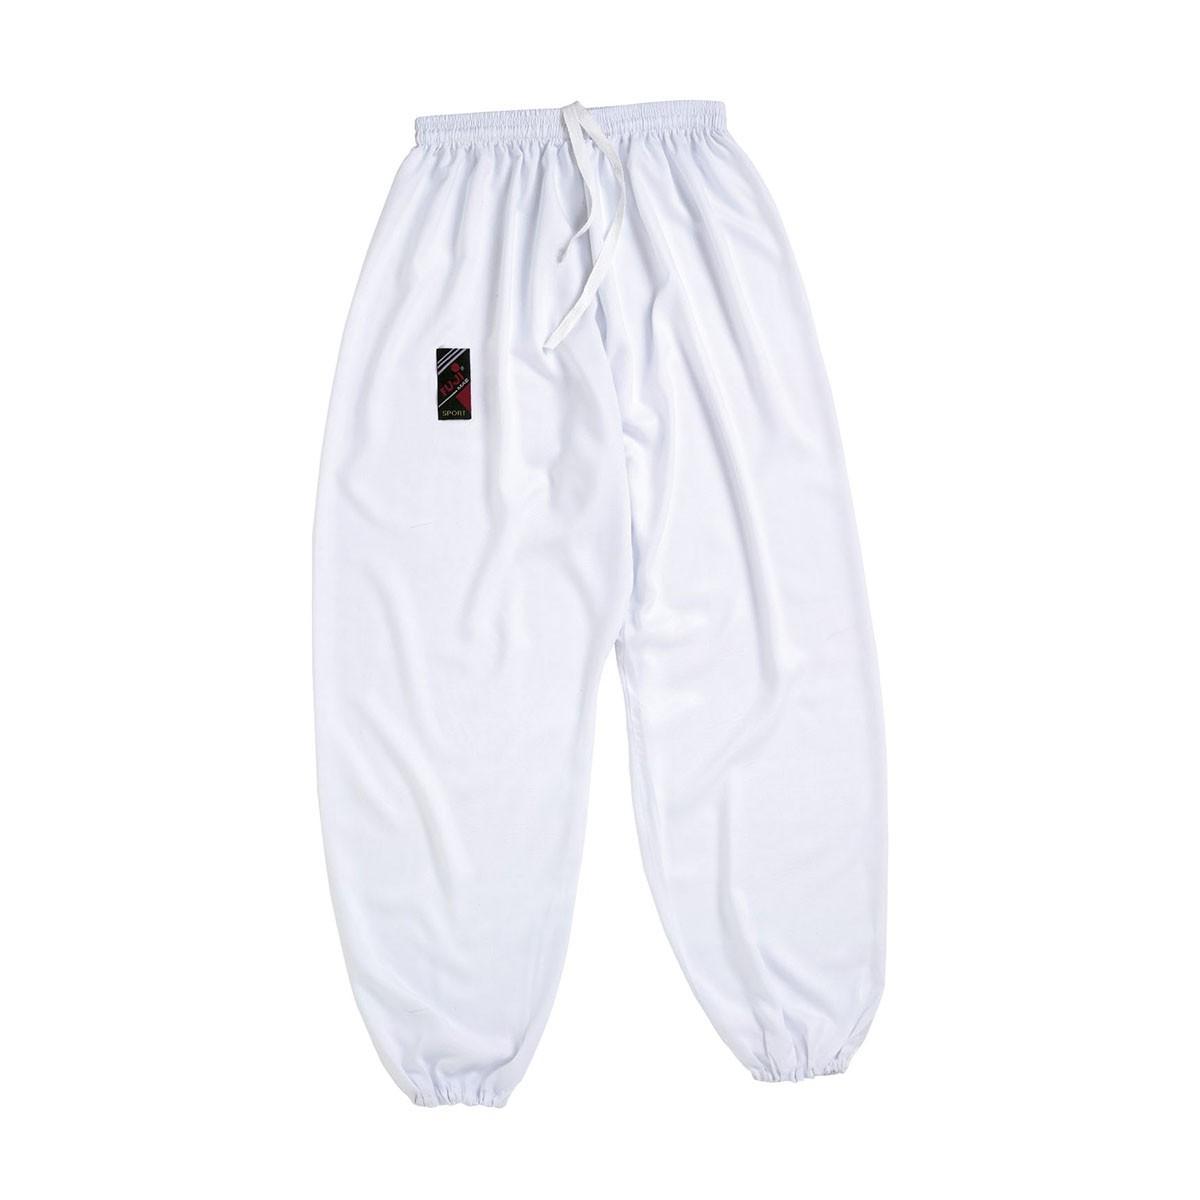 Tai Blanc Pantalon Chi Blanc Tai Pantalon Chi Polycoton wCqxaf88